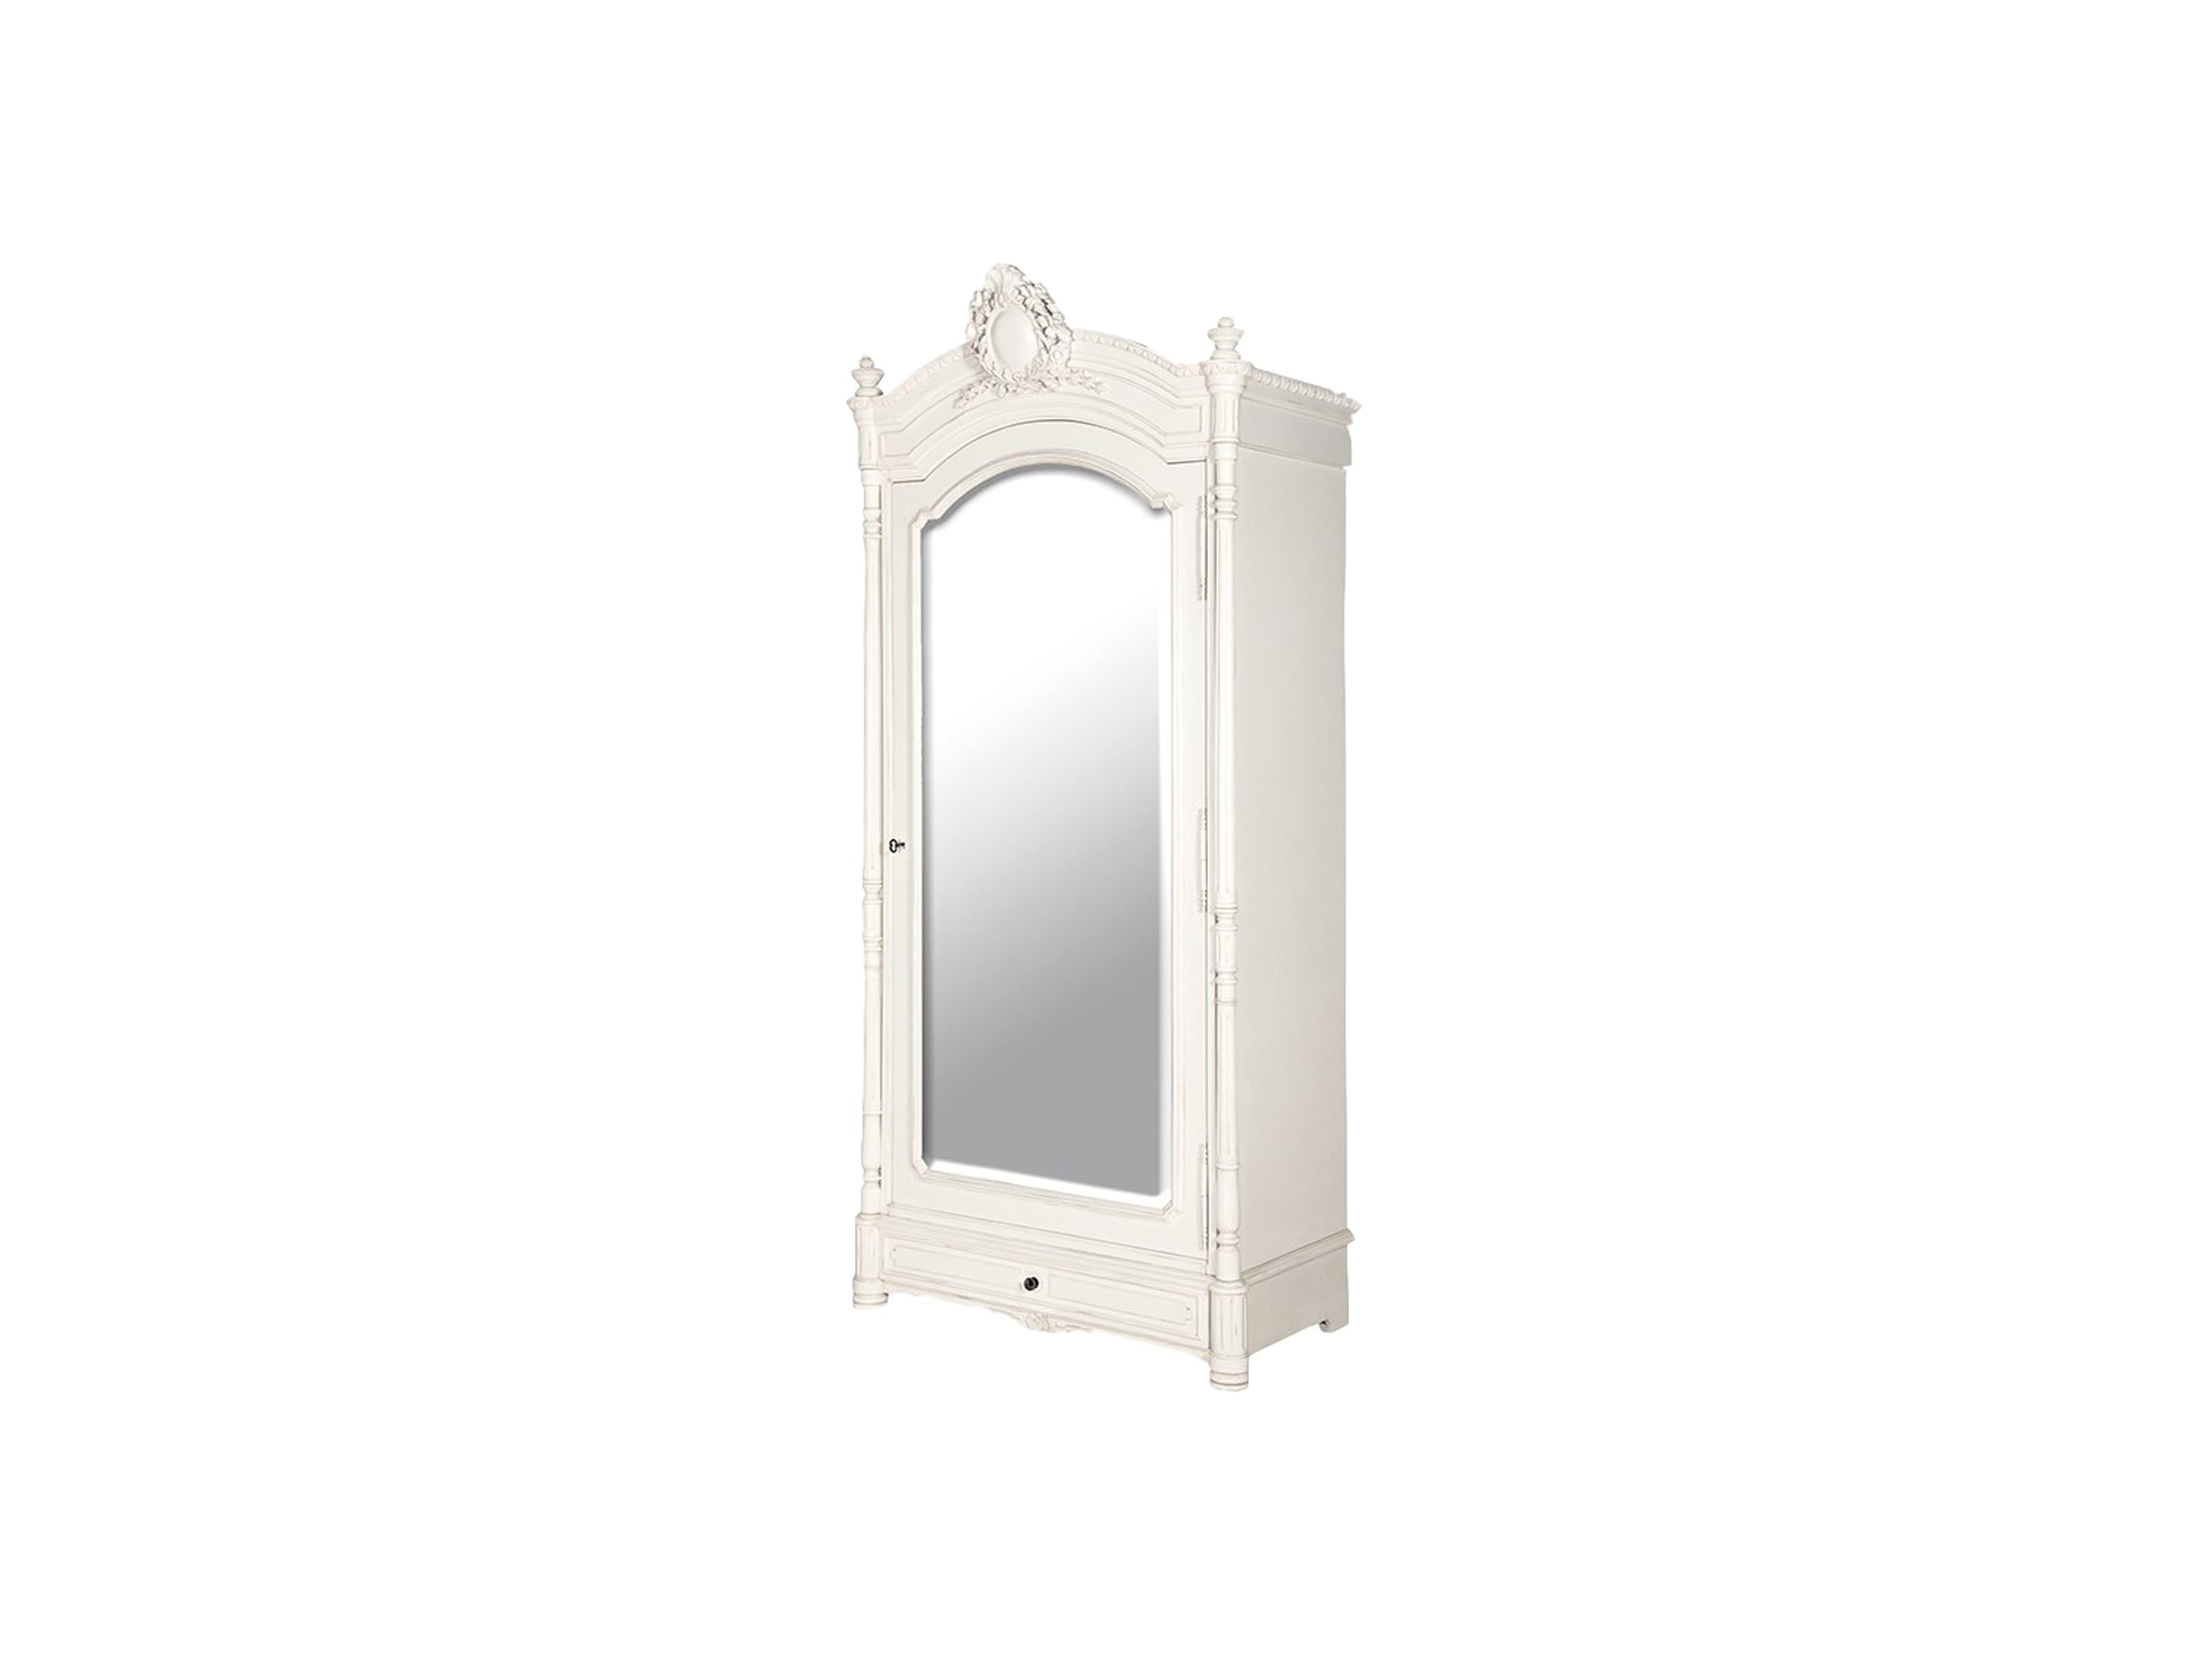 Шкаф платянойПлатяные шкафы<br>Шкаф платяной с большим зеркалом, декорирован резьбой ручной работы и патиной.<br><br>Material: Красное дерево<br>Width см: 102<br>Depth см: 56<br>Height см: 226